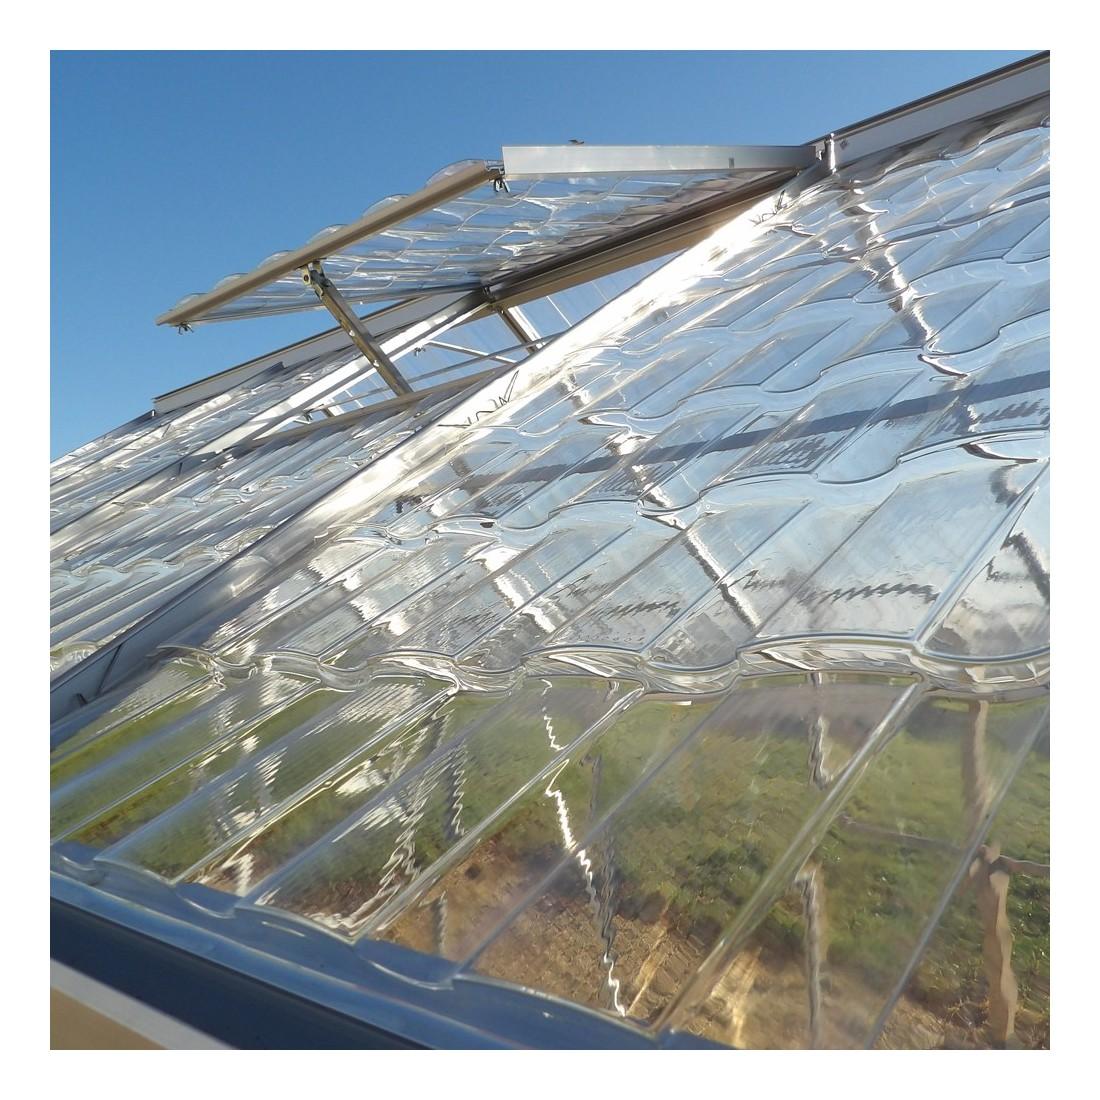 Serre cristal 4 75m lucarne - Plaque polycarbonate pour serre jardin ...